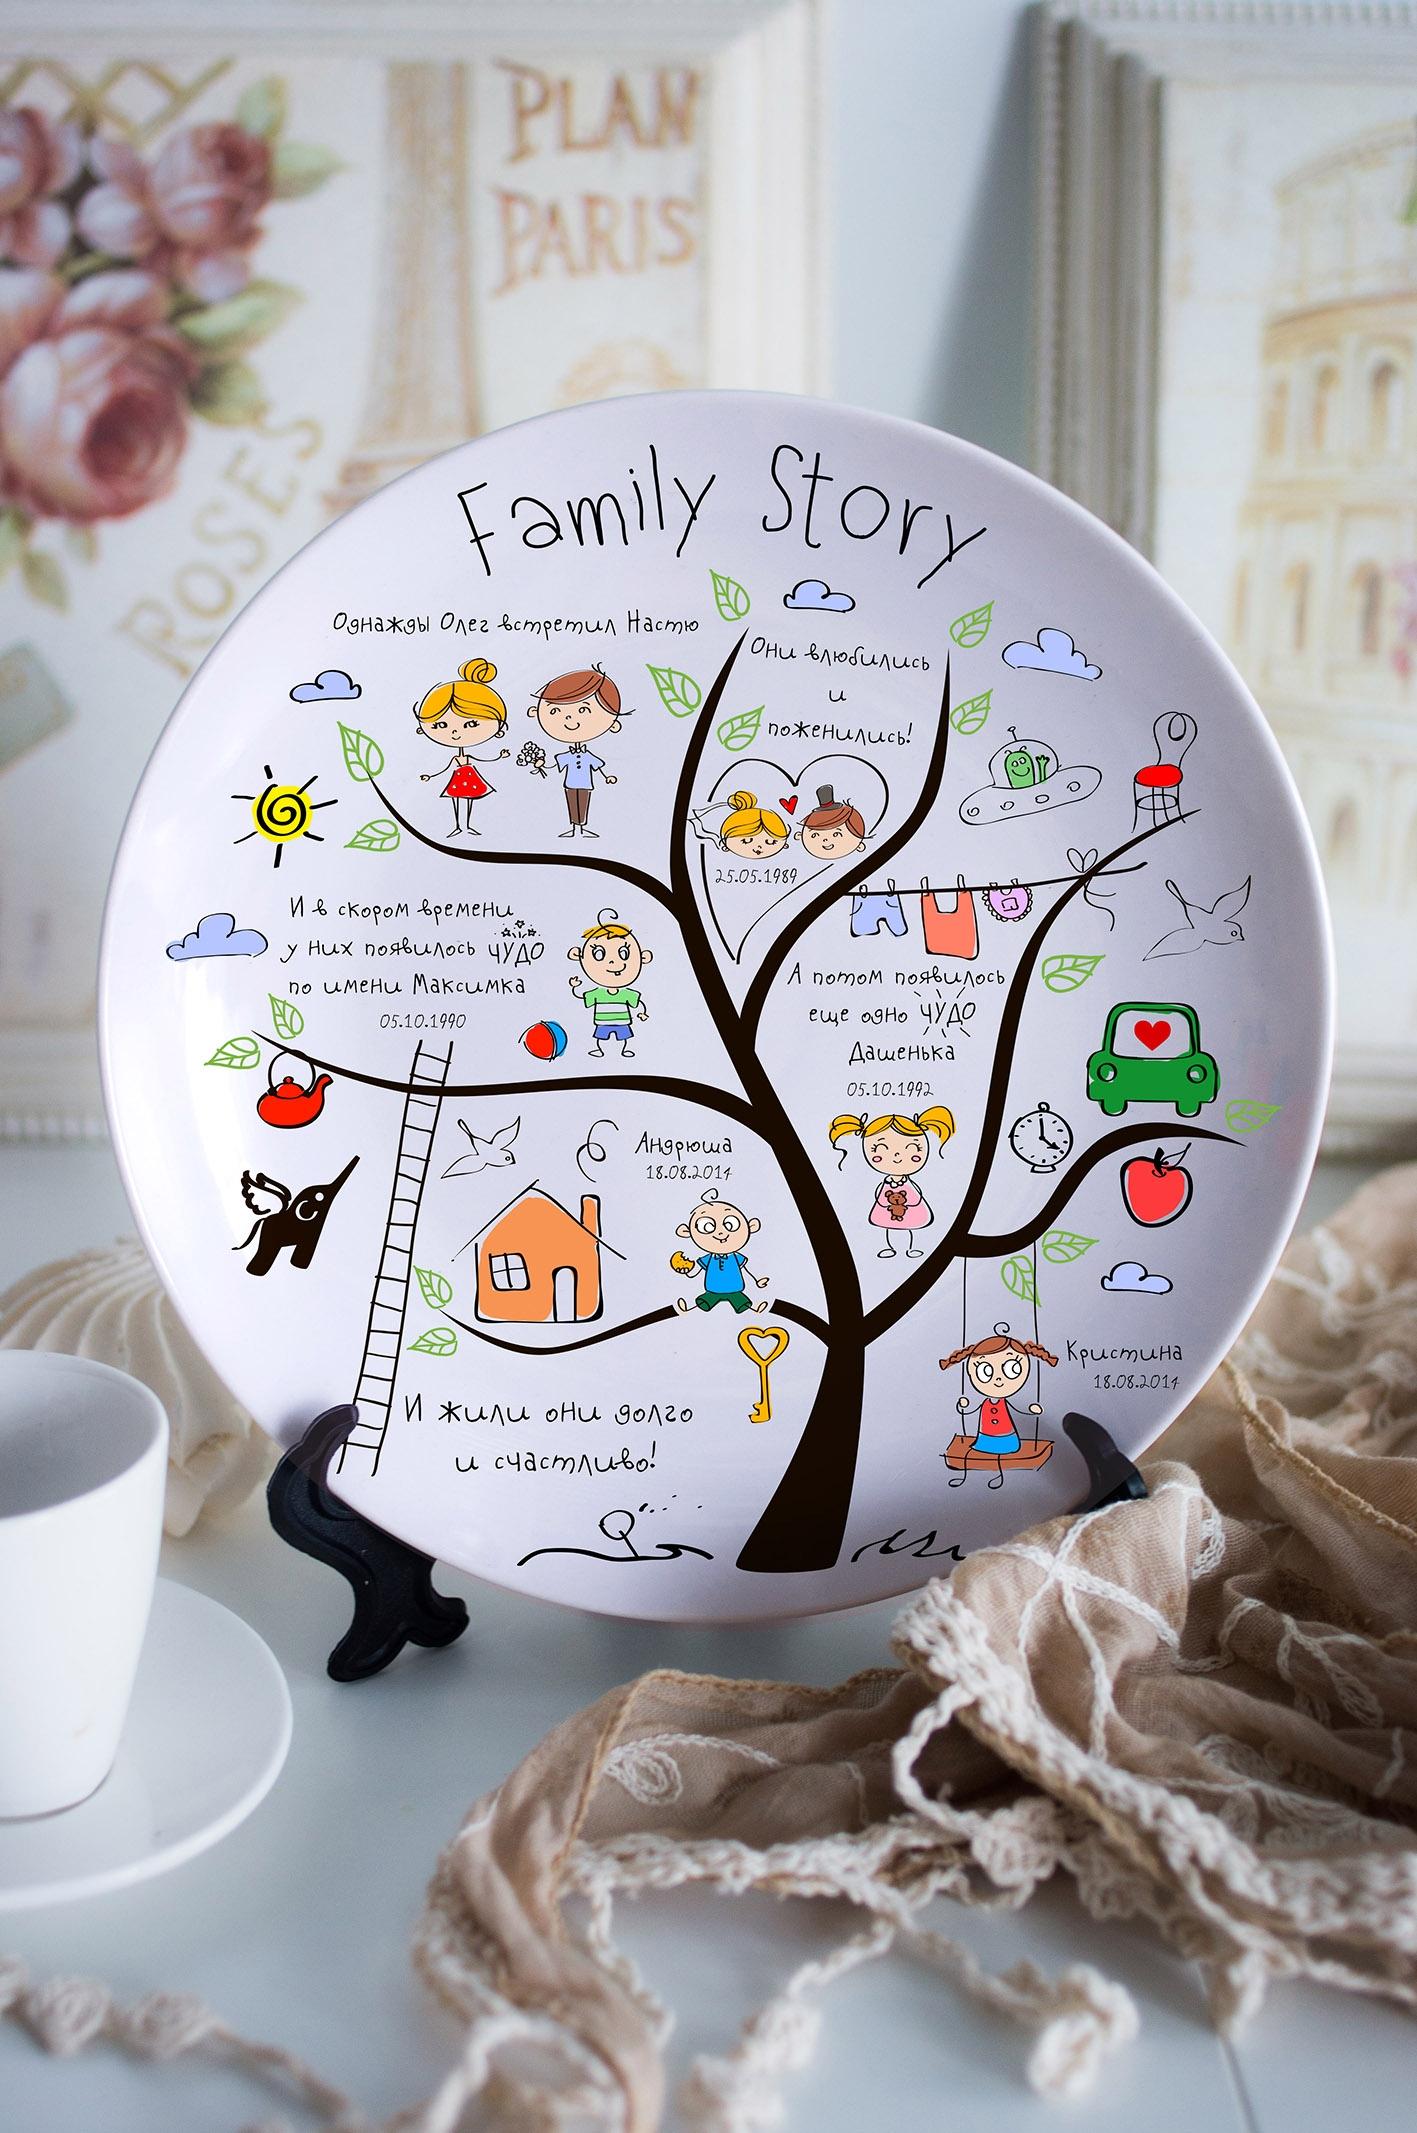 Тарелка декоративная с вашим текстом Family  StoryПосуда<br>Подарите необыкновенный сувенир с индивидуальной надписью и именем – такая декоративная тарелка станет эксклюзивным украшением для интерьера и незабываемым подарком! Выберите понравившийся фон, впишите любимую фразу, имя получателя. Диаметр 20см<br>